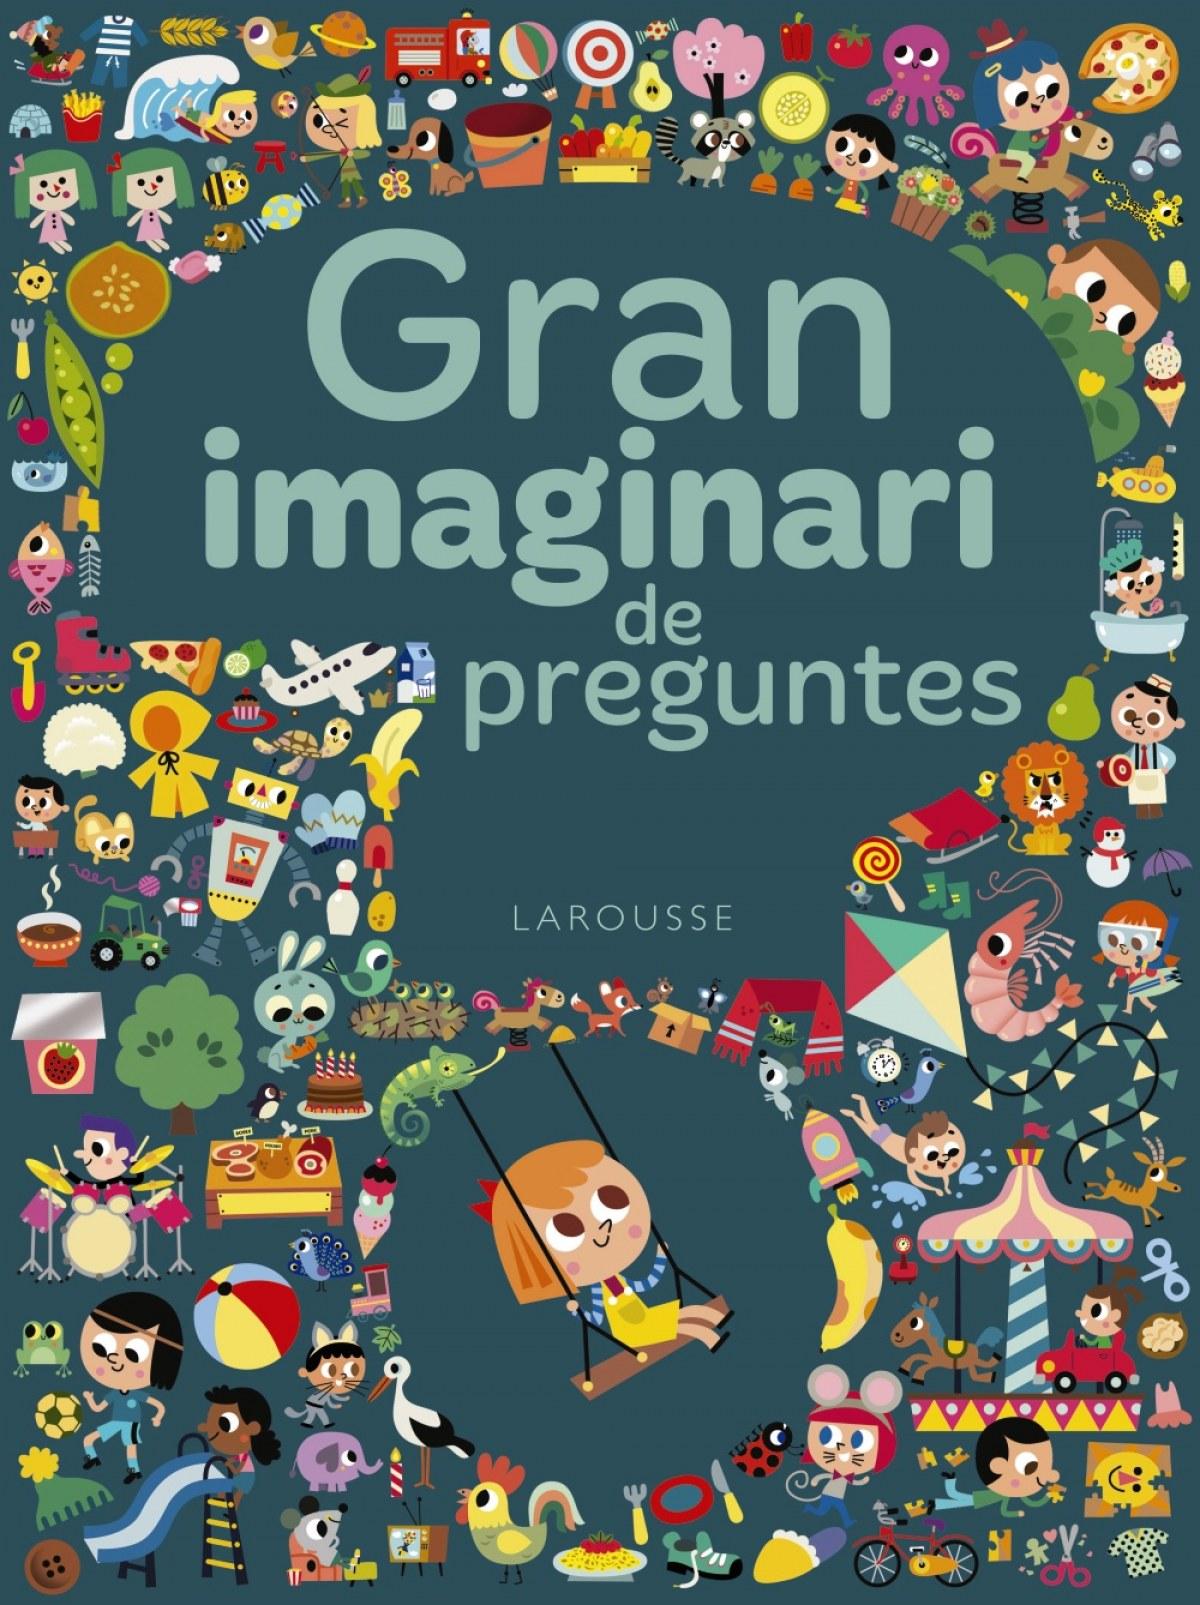 GRAN IMAGINARI DE PREGUNTES 9788417273293